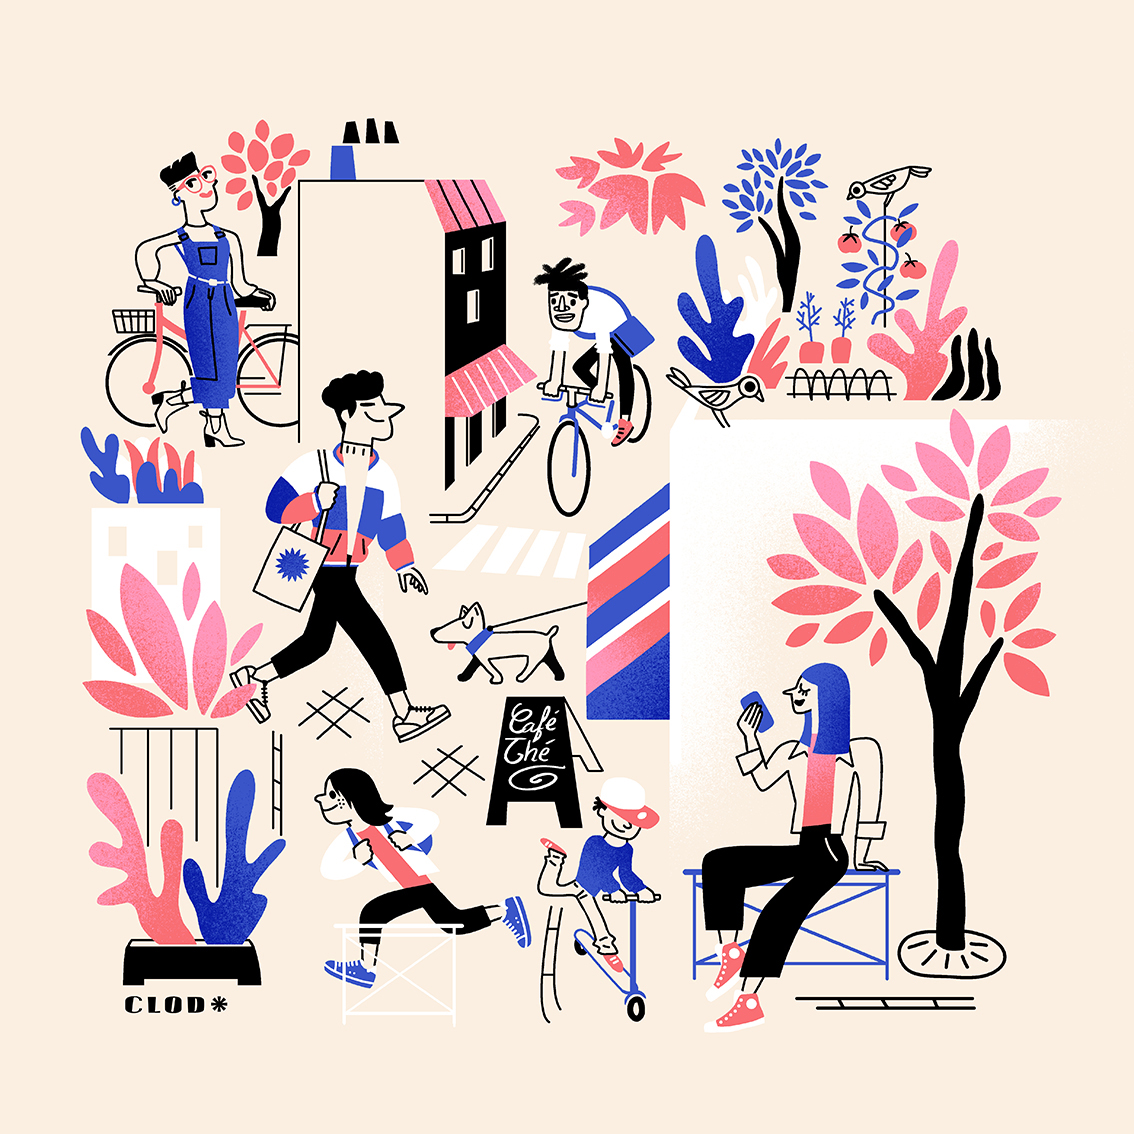 La vie de quartier, Clod illustration